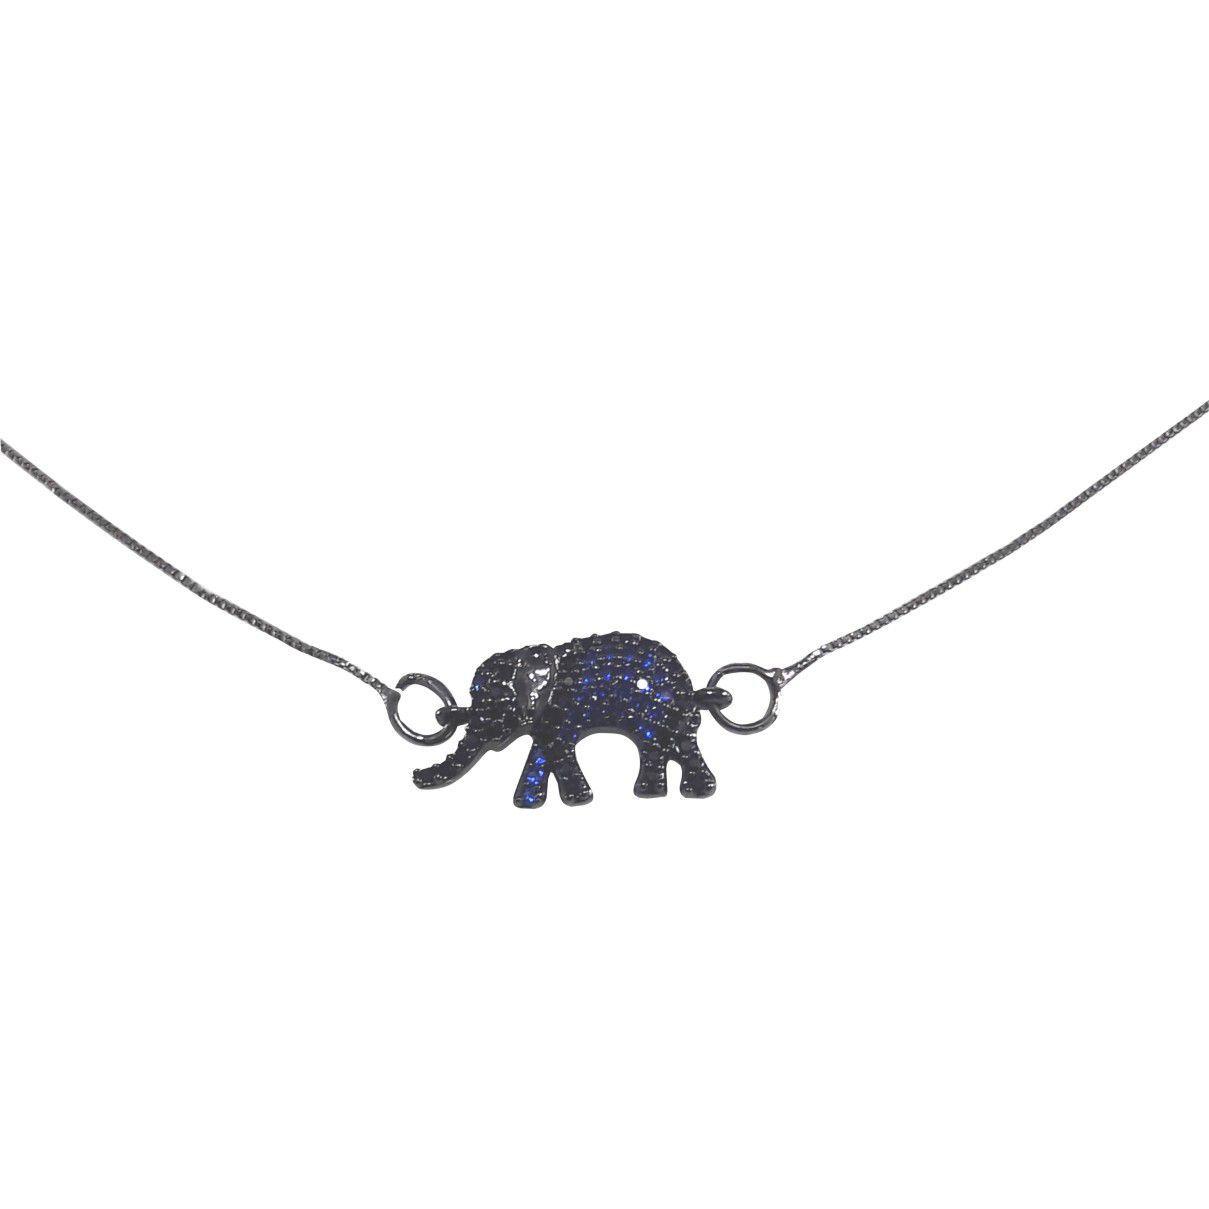 Colar Elefante Cravejado Banho Em Ródio